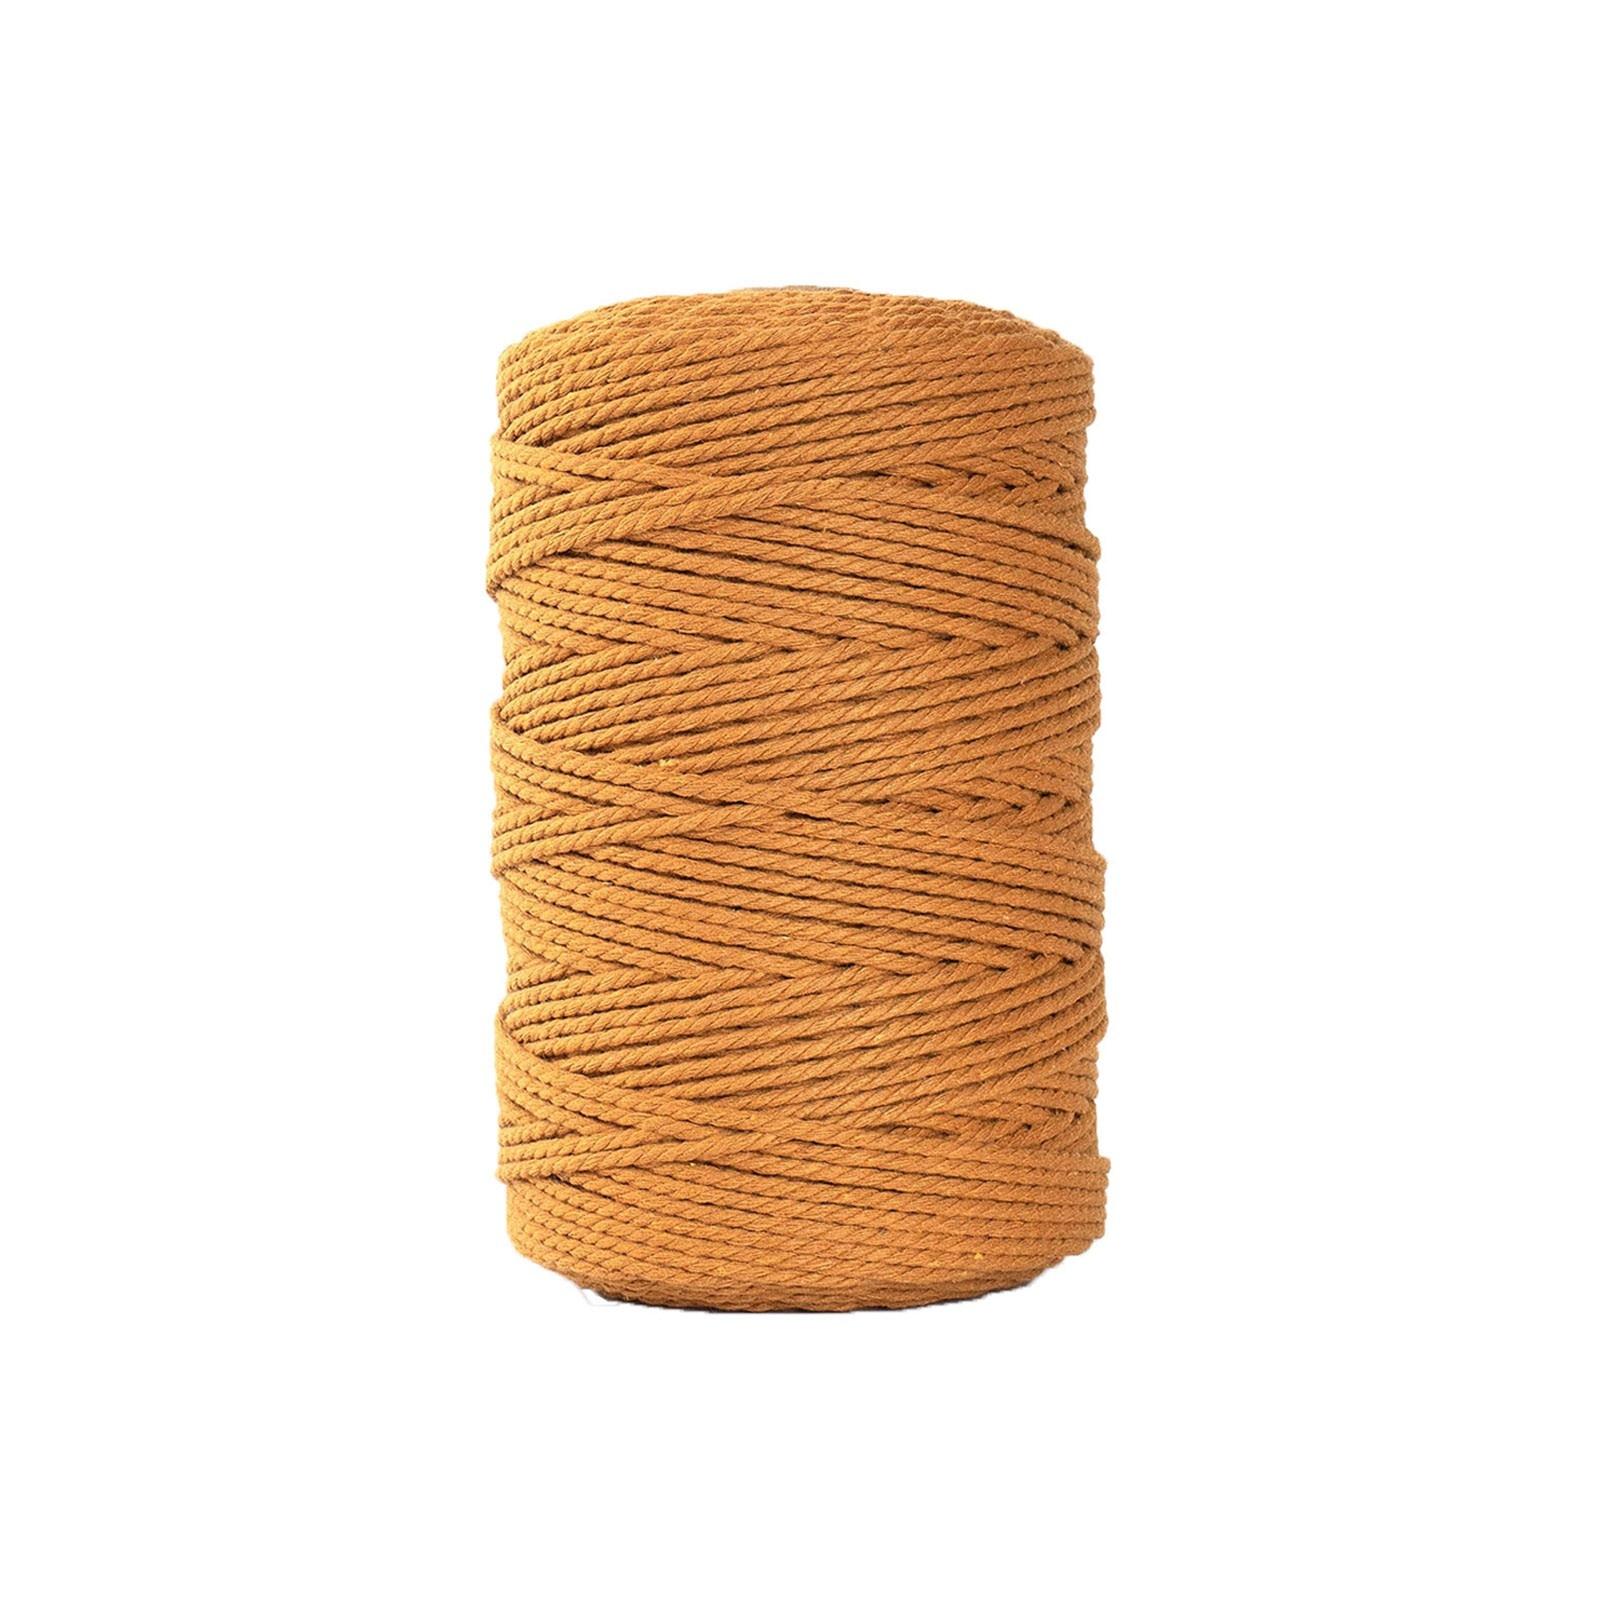 Хлопковый шнур 3 мм, цветной шнур, веревка, бежевая веревка для поделок, макраме, шнурок «сделай сам», домашний текстиль, свадебные декоратив...